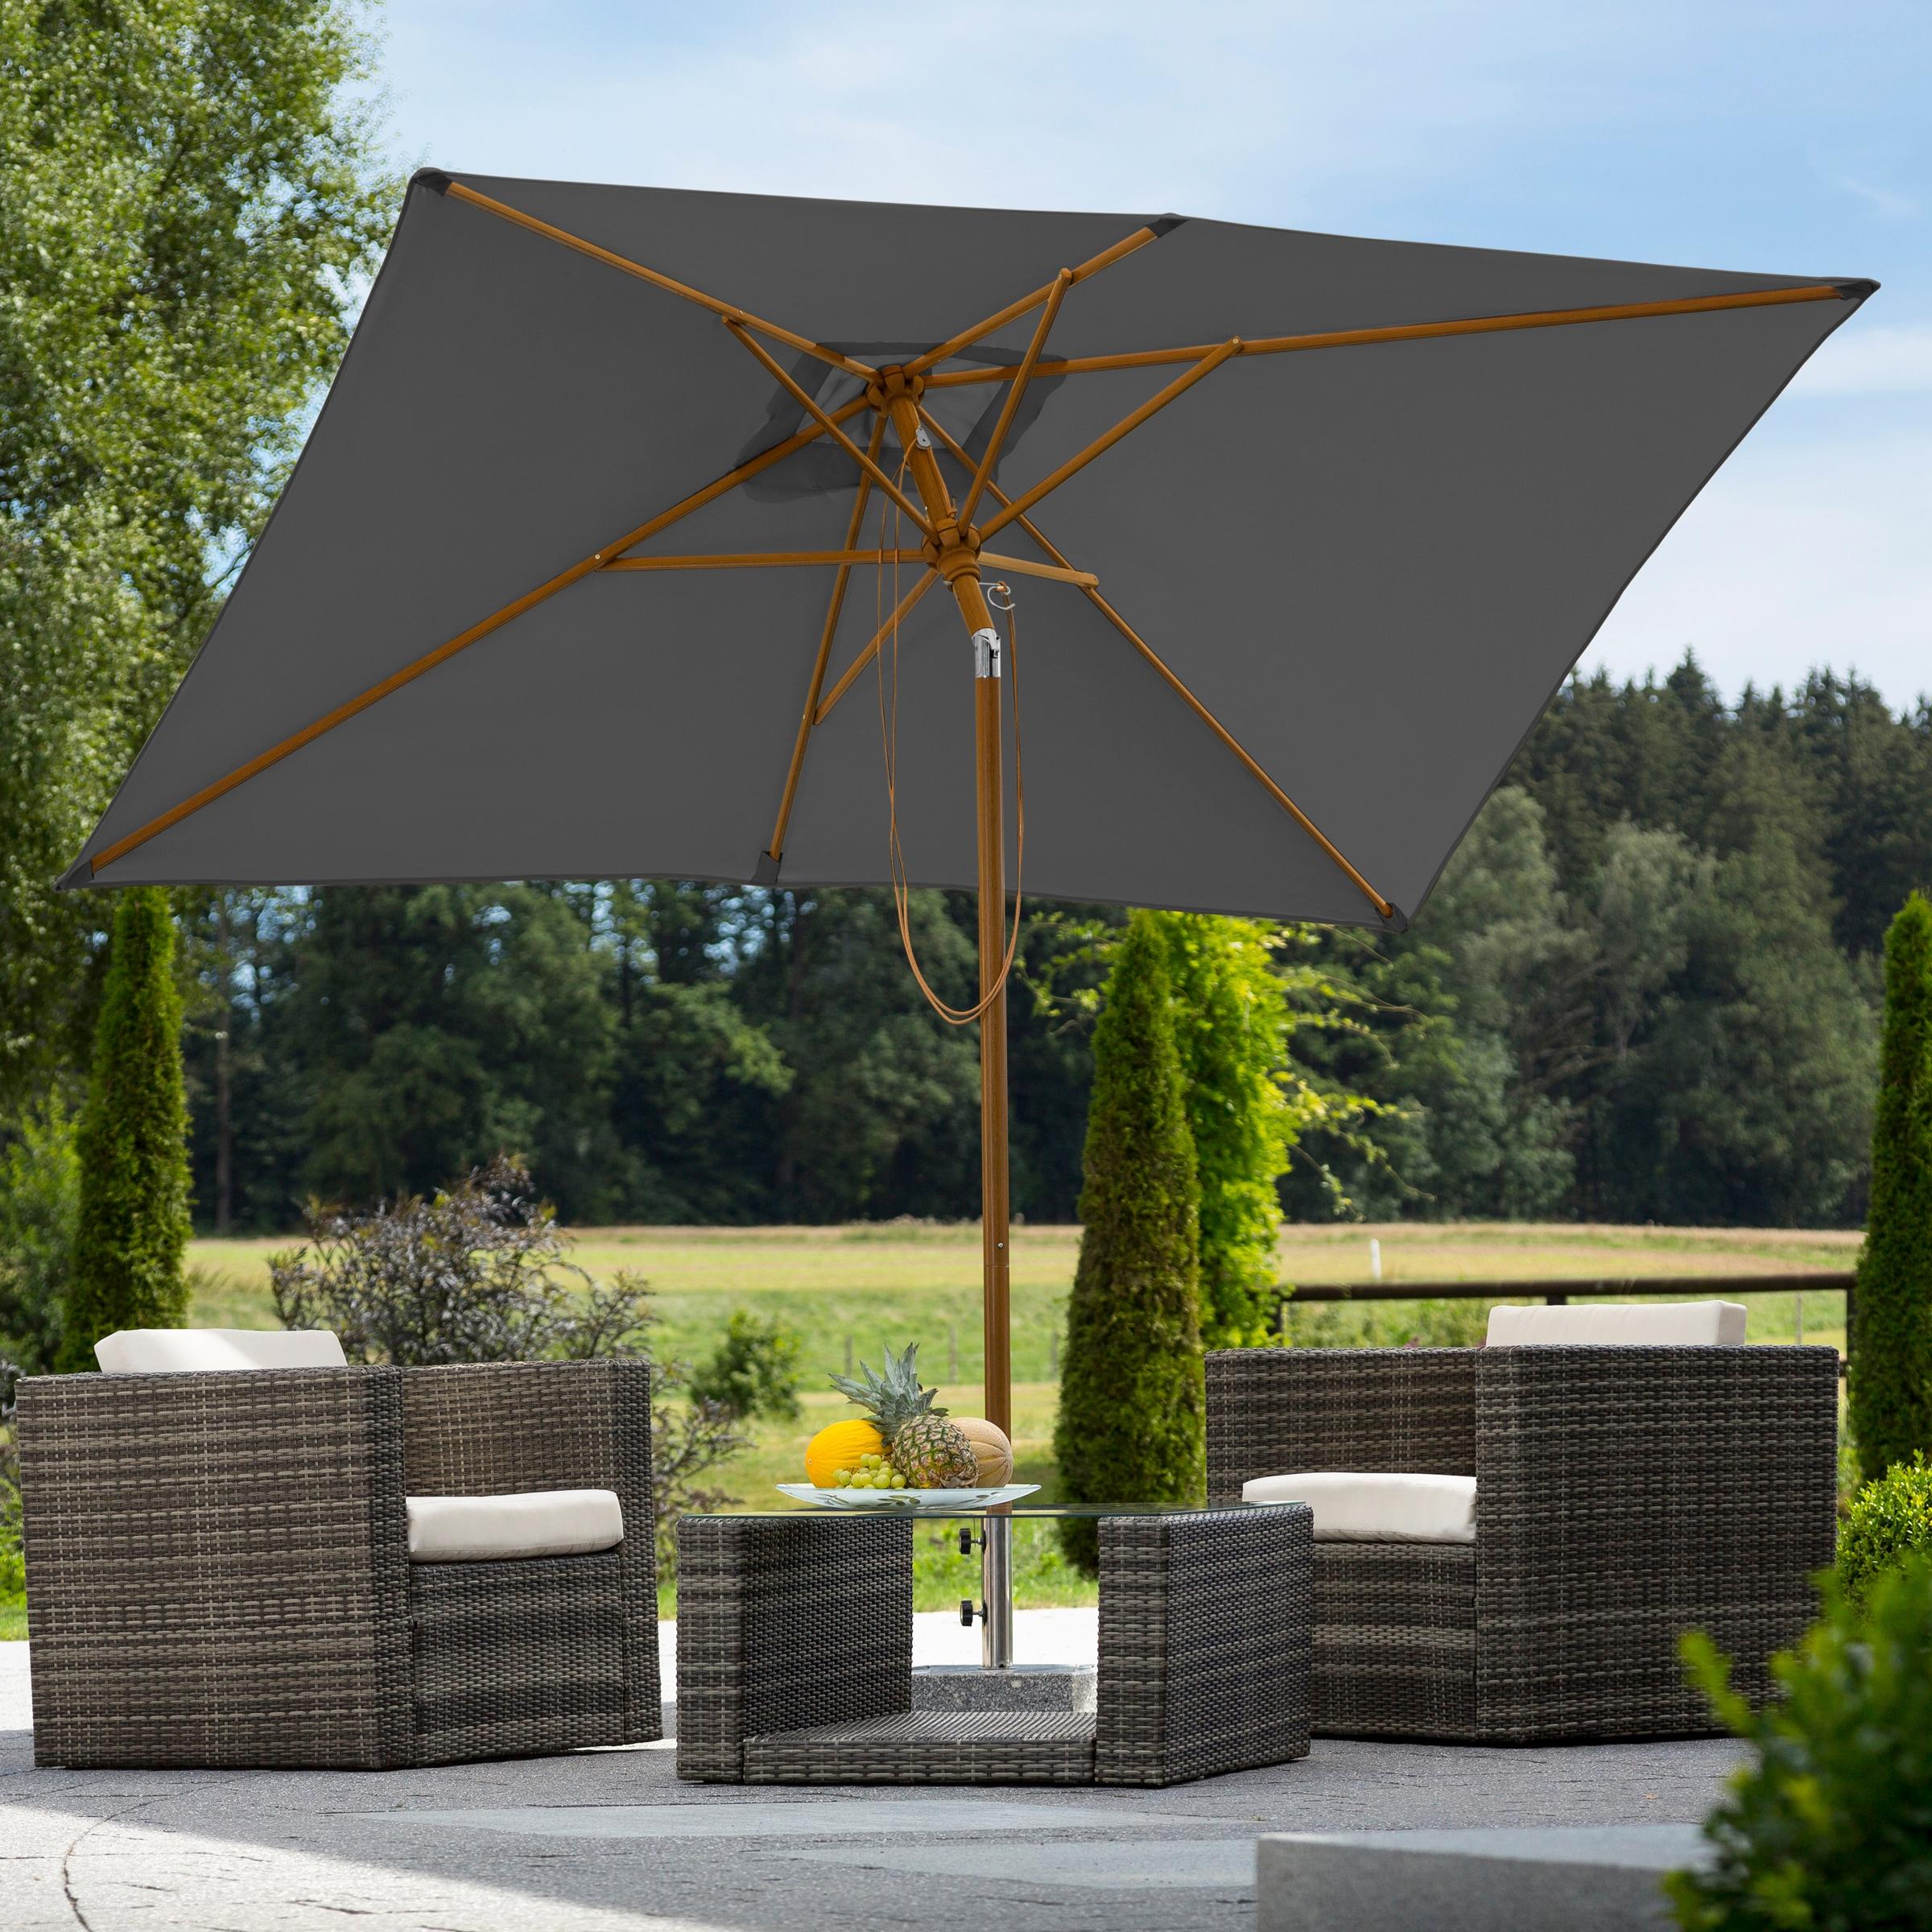 Schneider Schirme Sonnenschirm Malaga, abknickbar, ohne Schirmständer grau Sonnenschirme -segel Gartenmöbel Gartendeko